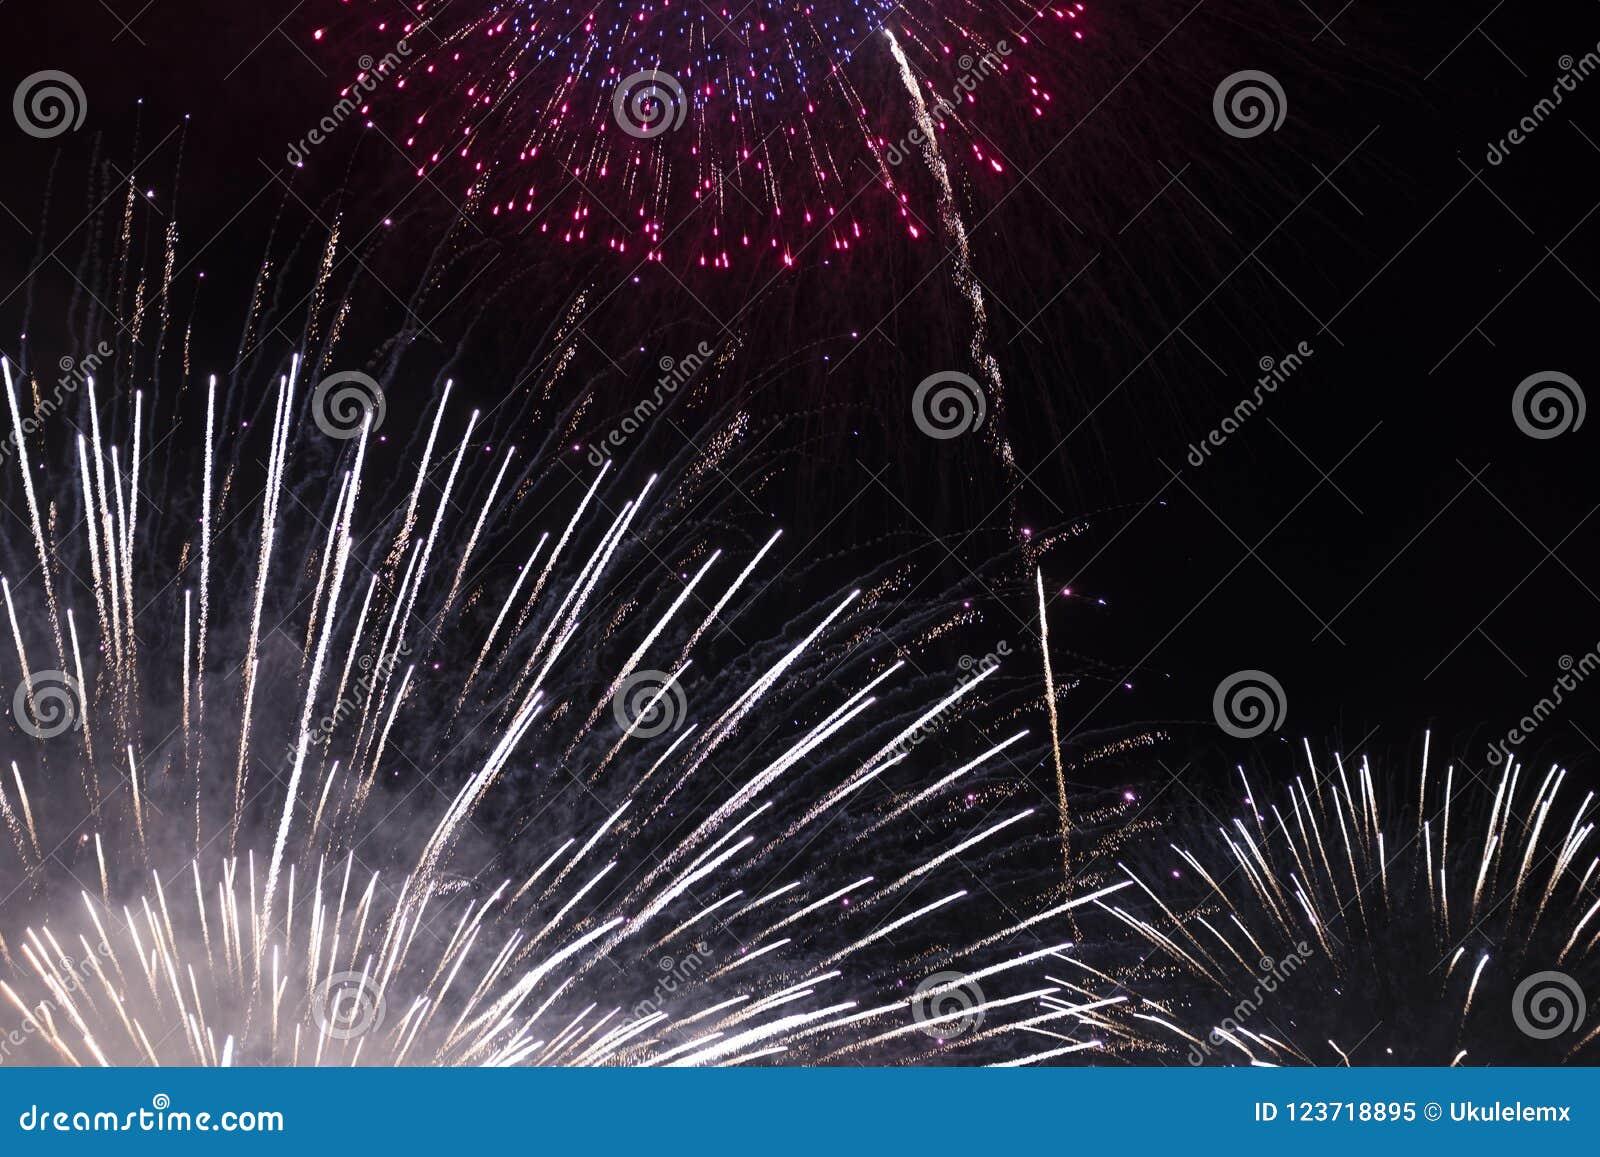 Veelvoudig Vuurwerk in nachthemel in een samenstelling in wit en rode schaduwen